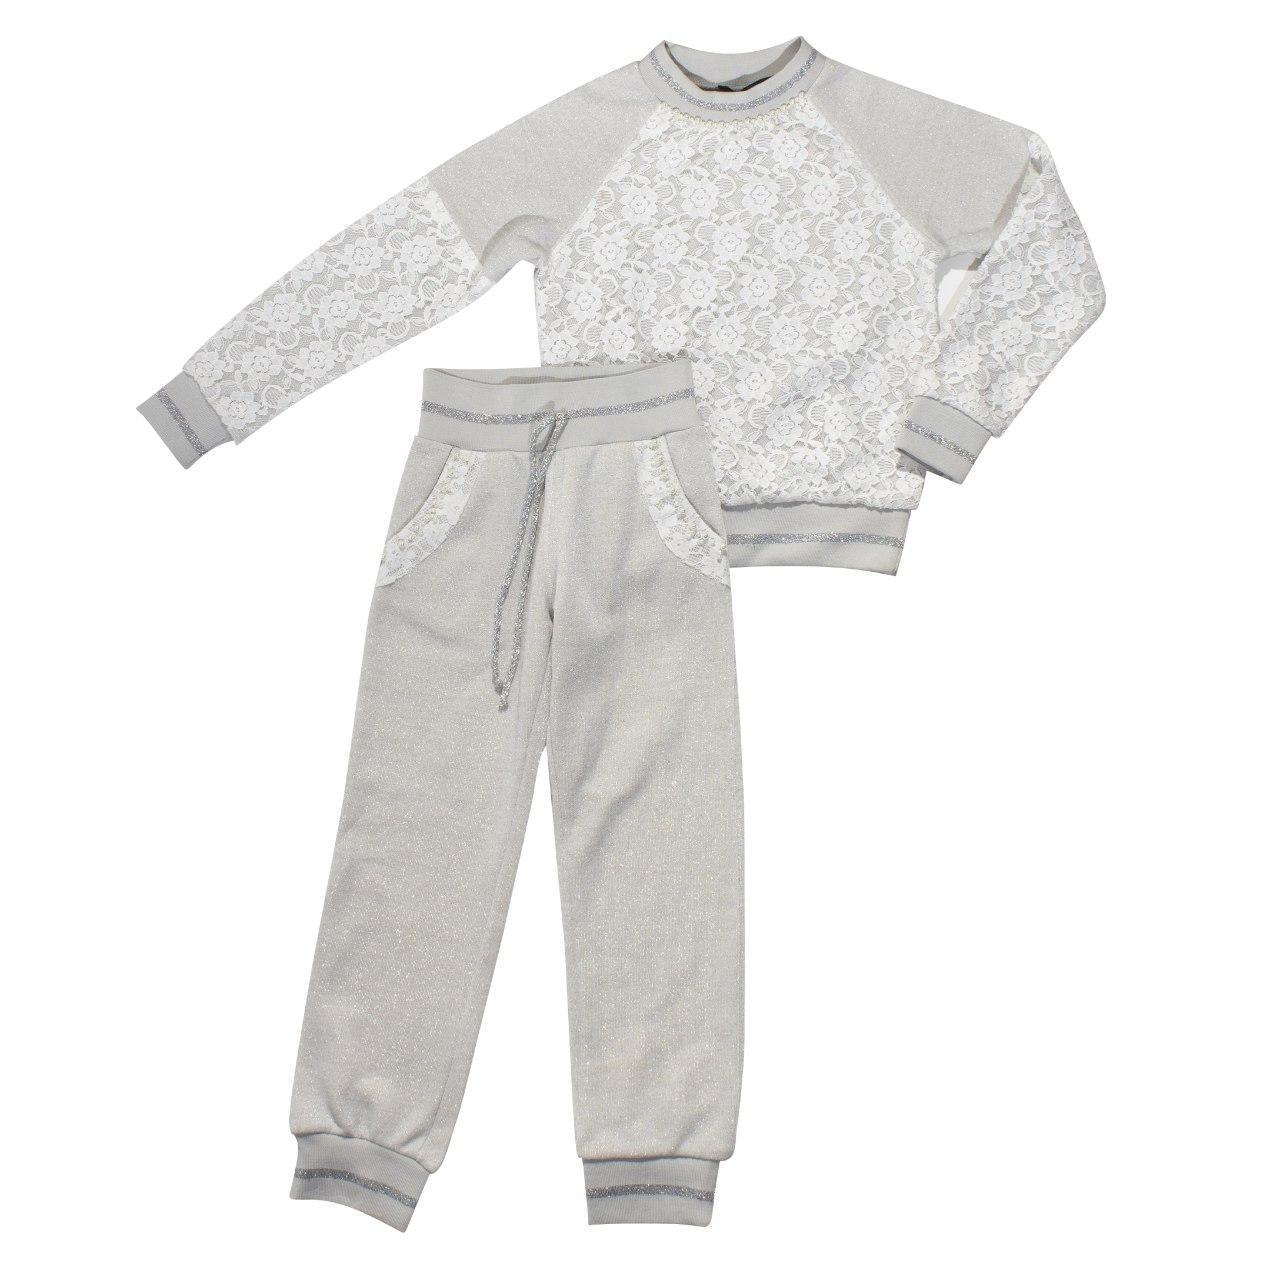 Спортивный костюм для девочки, размер 6 лет